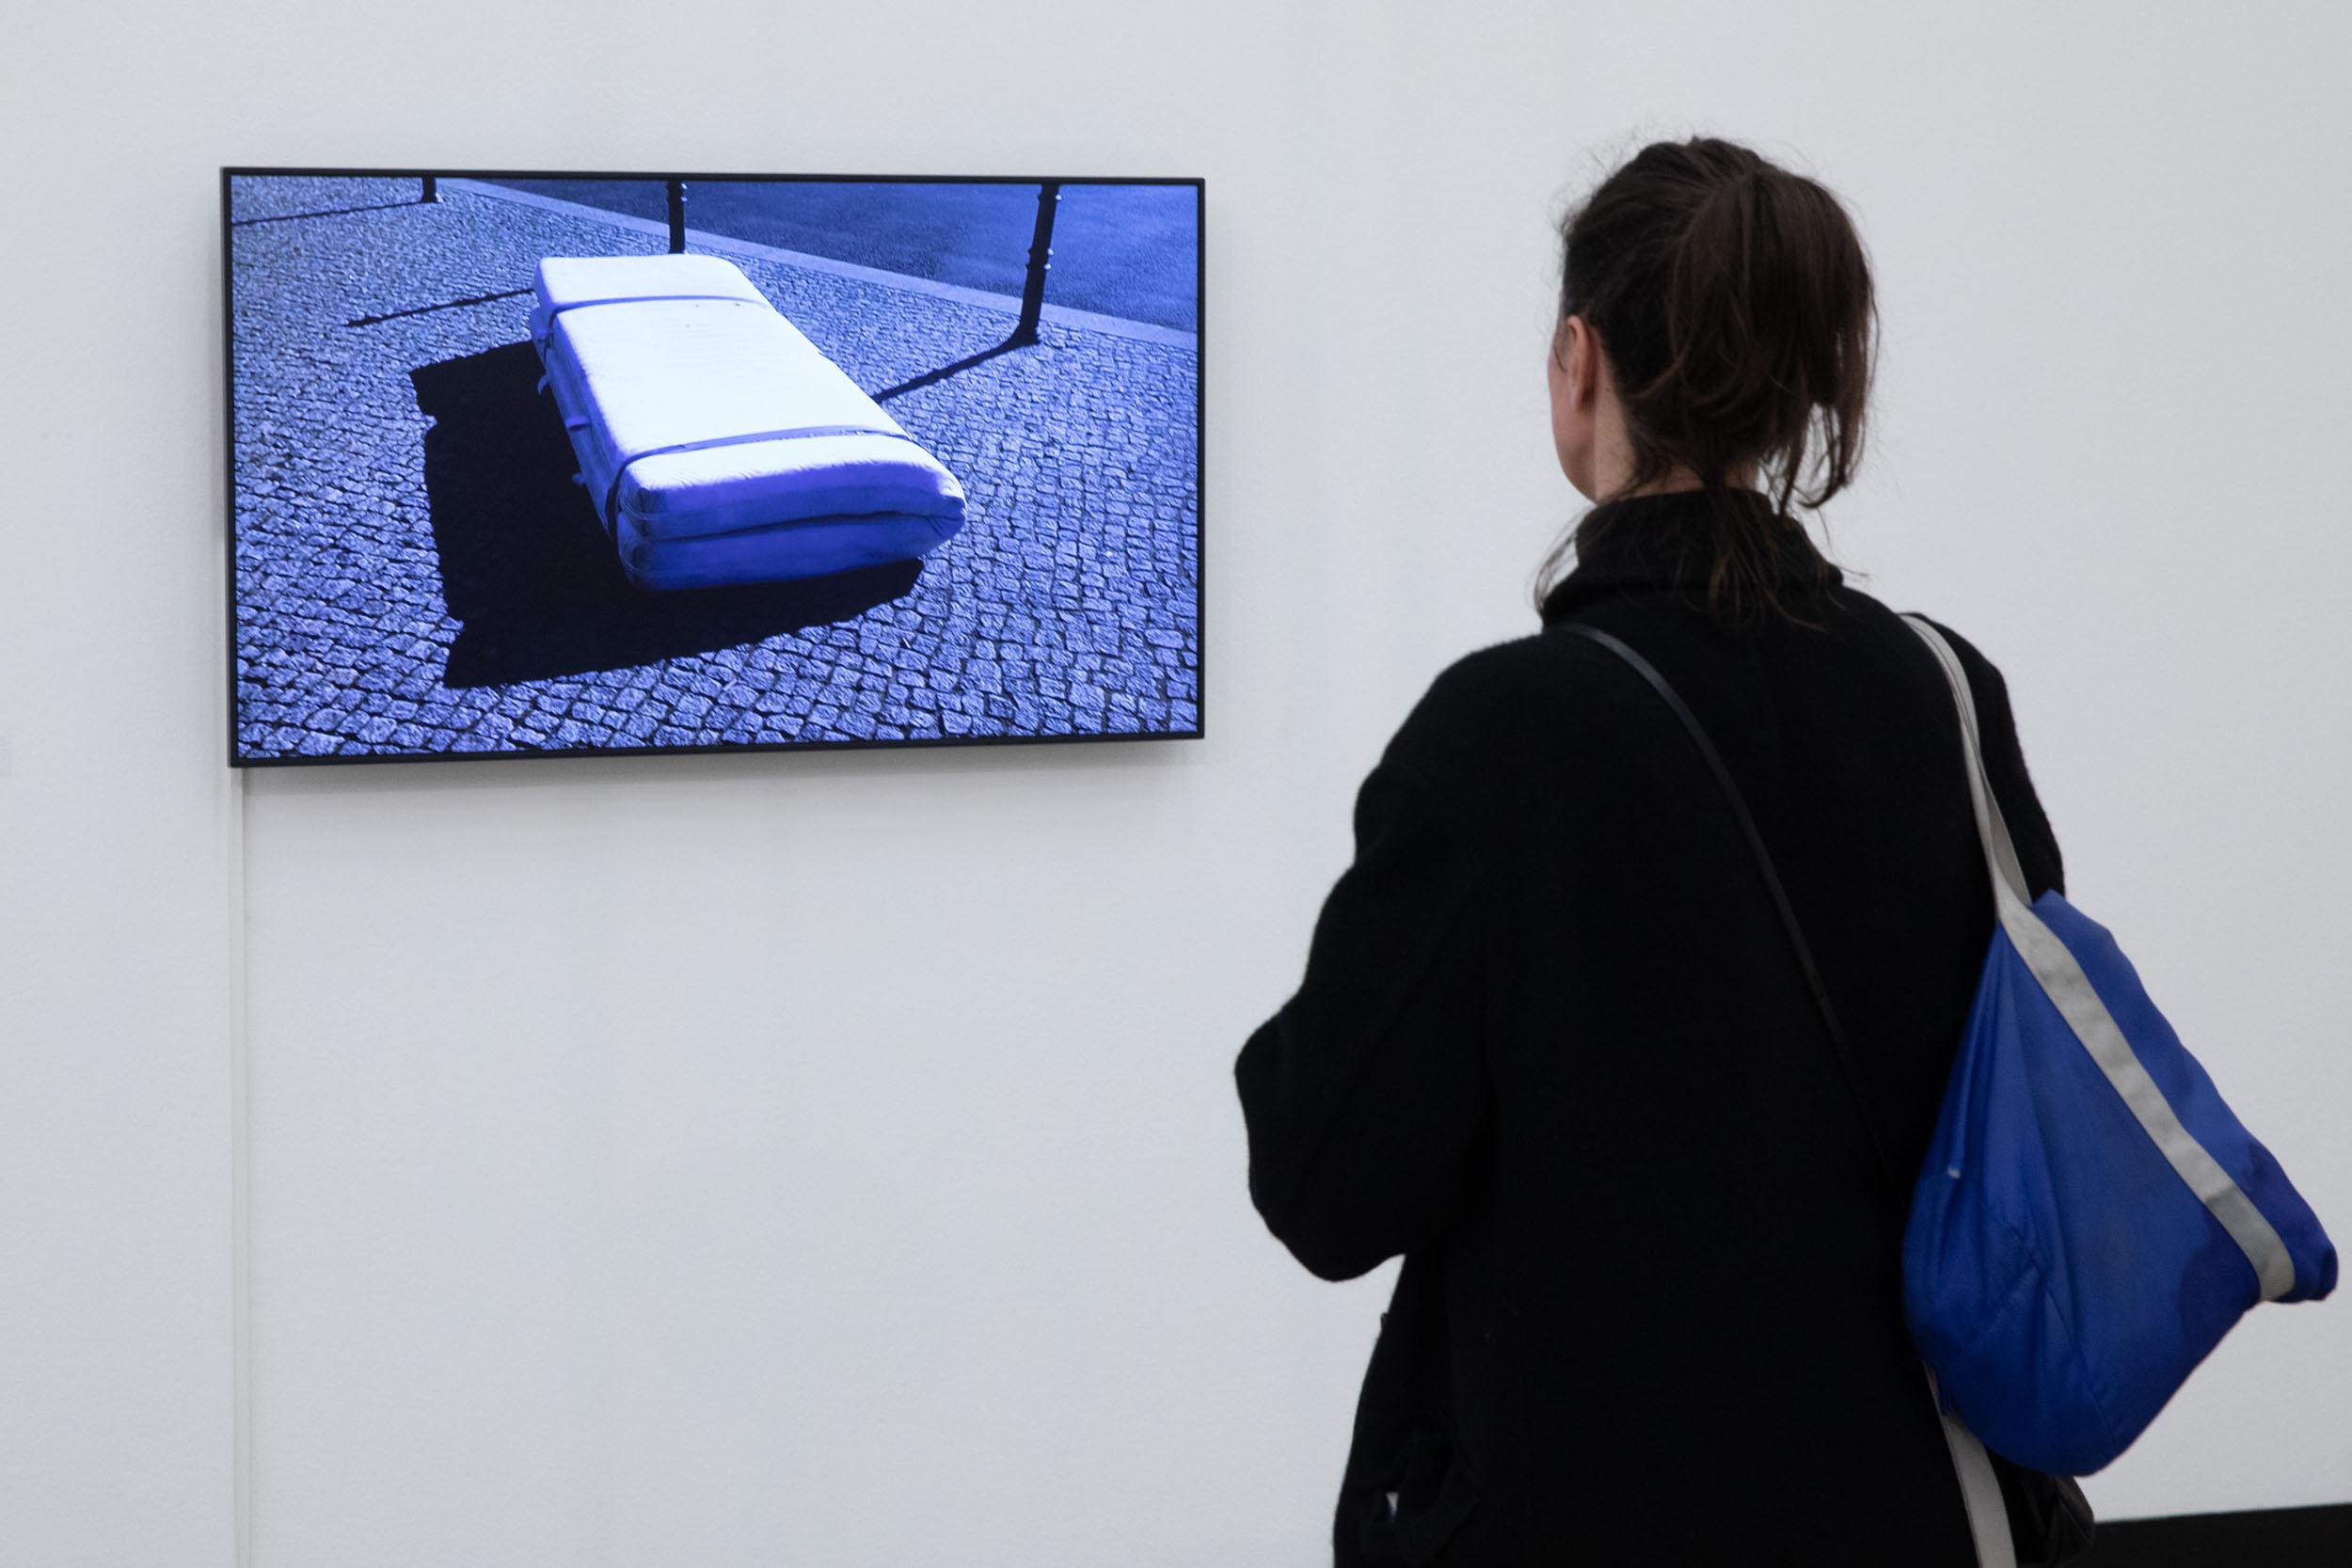 Kunsthalle Wien: … von Brot, Wein, Autos, Sicherheit und Frieden (8.3.2020, Eröffnung) | Foto: eSeL